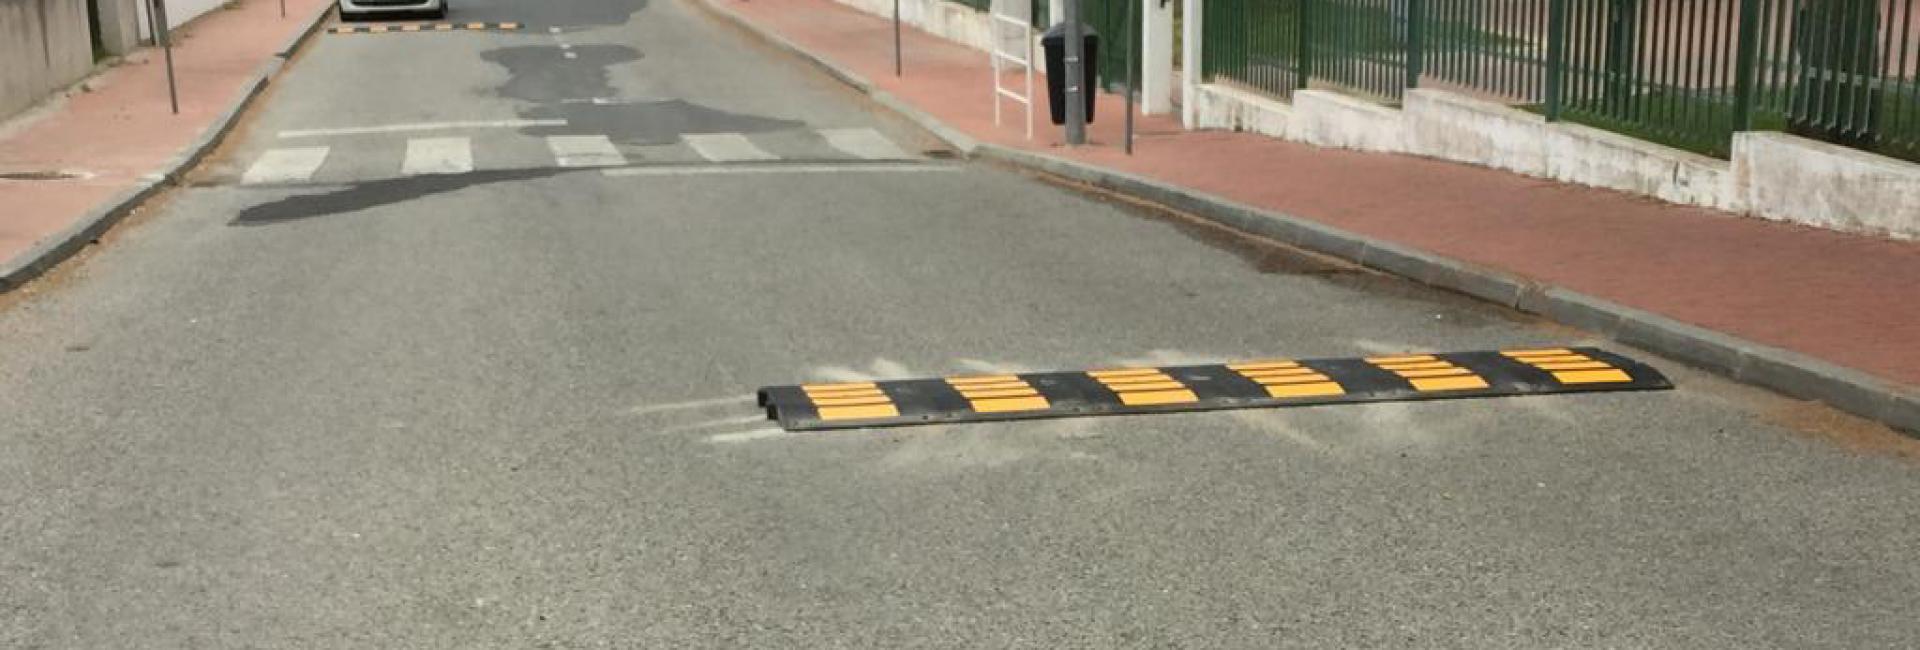 (Português) Lombas redutoras de velocidade para garantir segurança